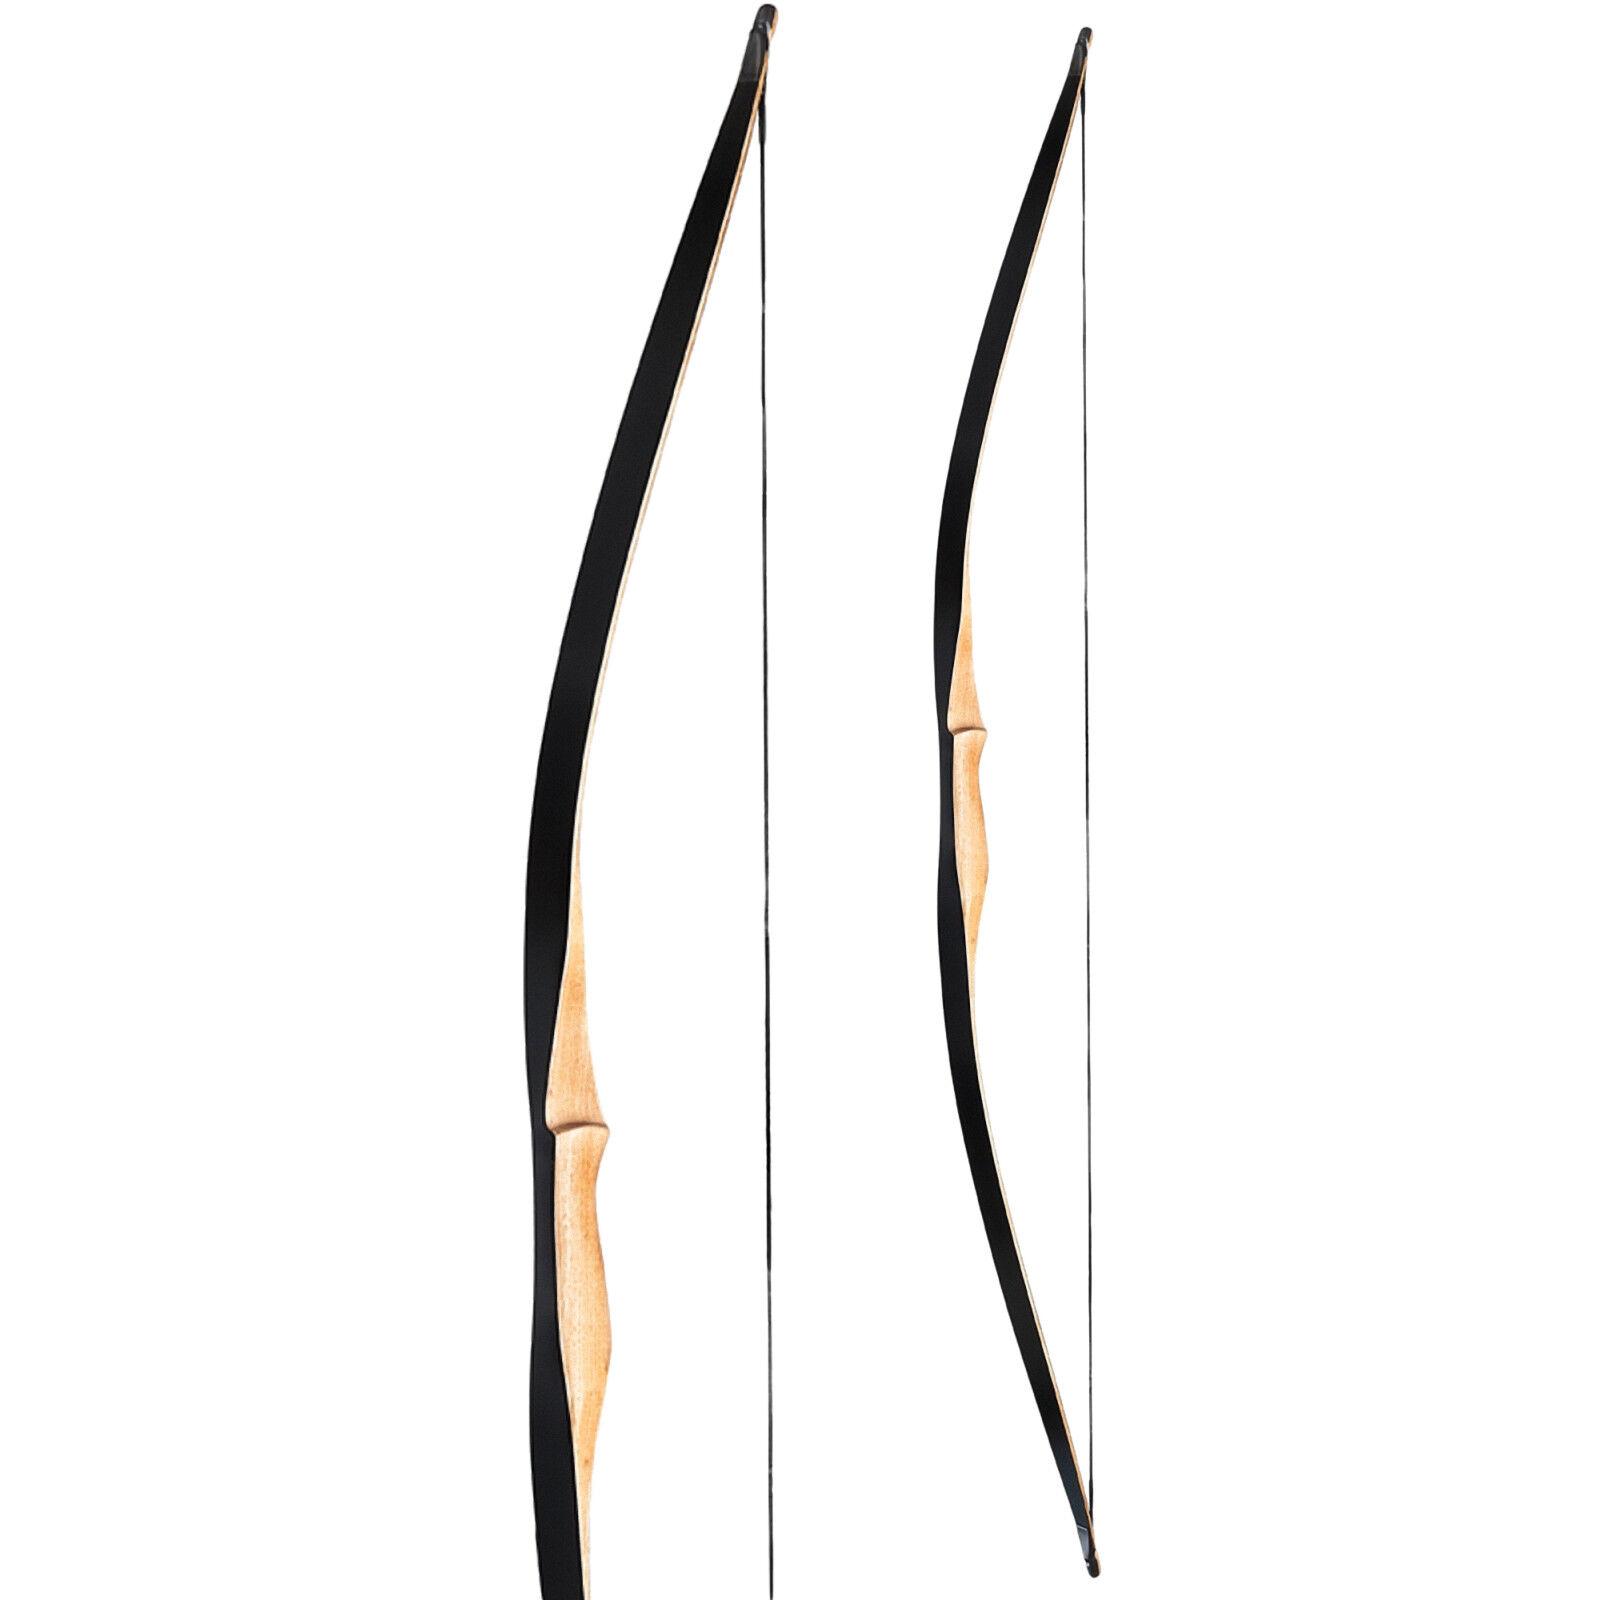 Arco largo Longbow arquería tradicionalmente Ragim Squirrel -56 pulgadas - 15-50 lbs